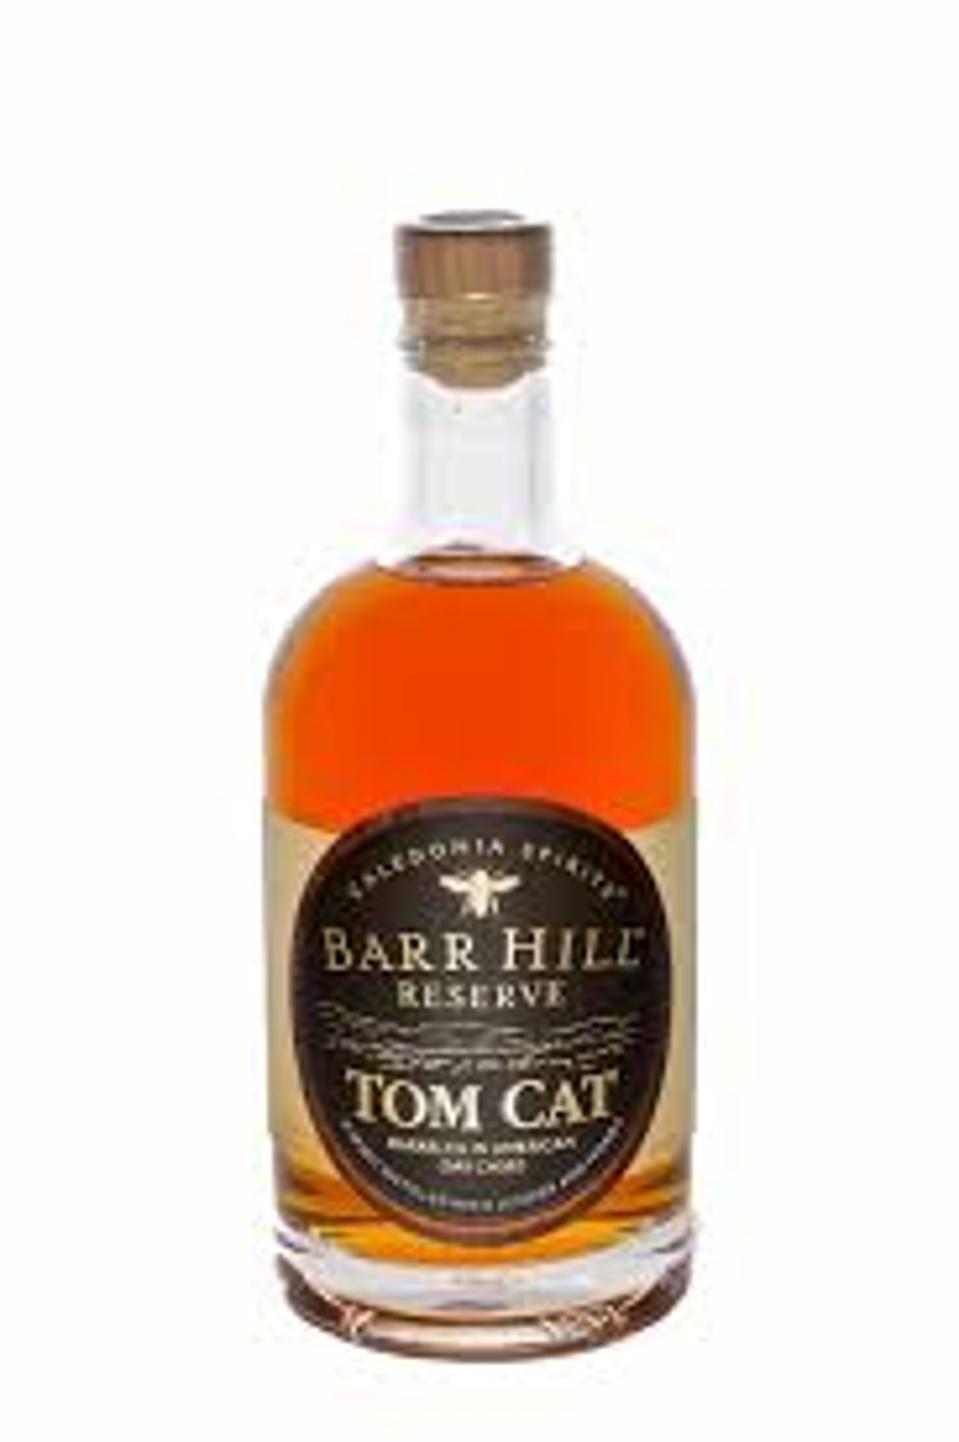 Tom Cat Gin